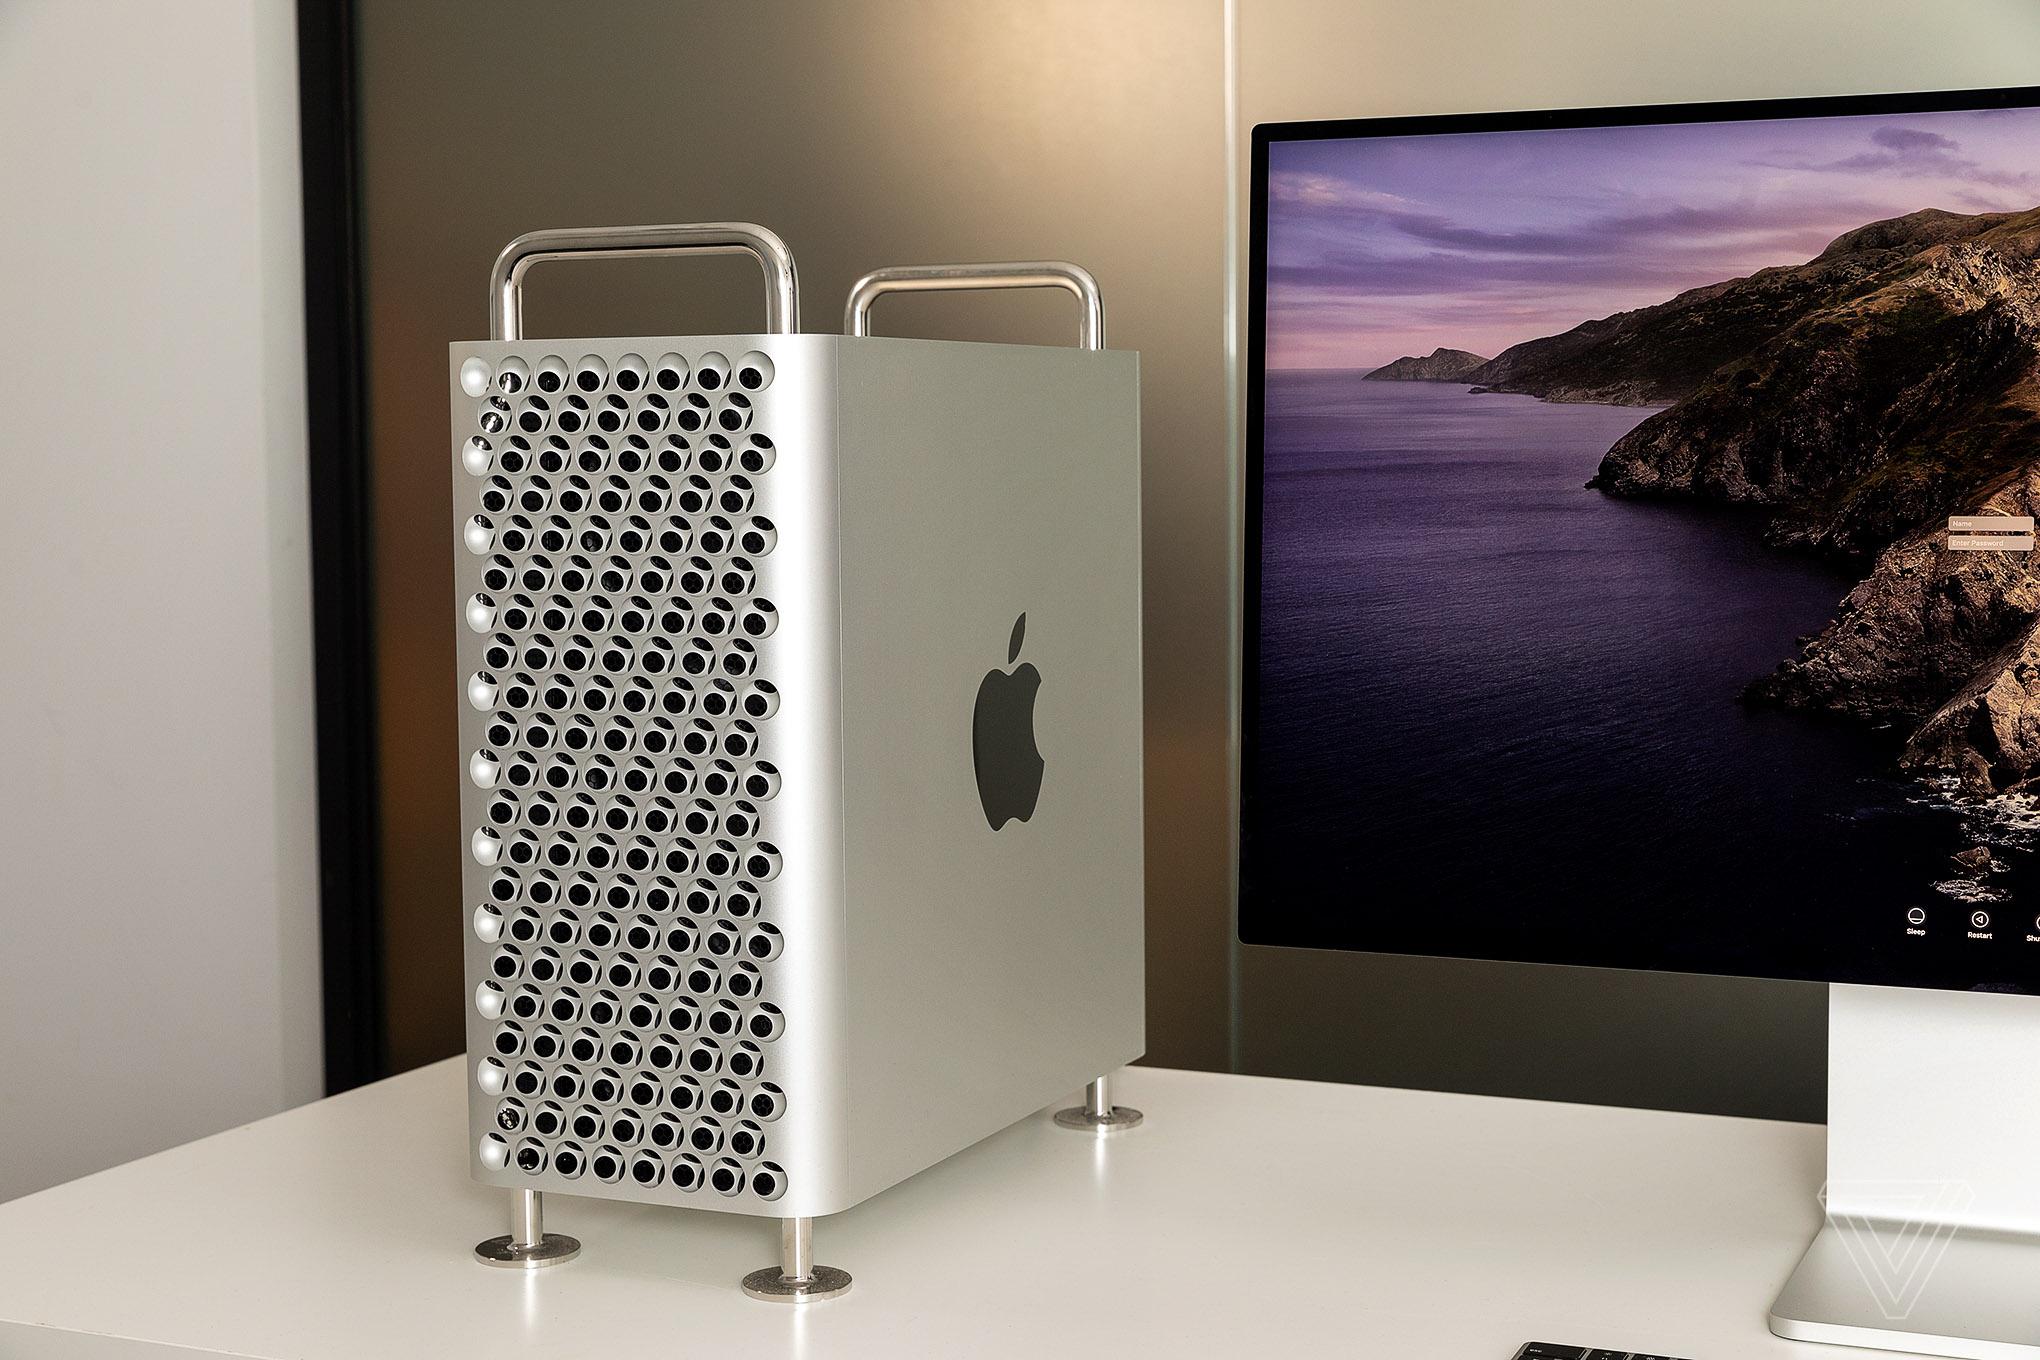 The Mac Pro